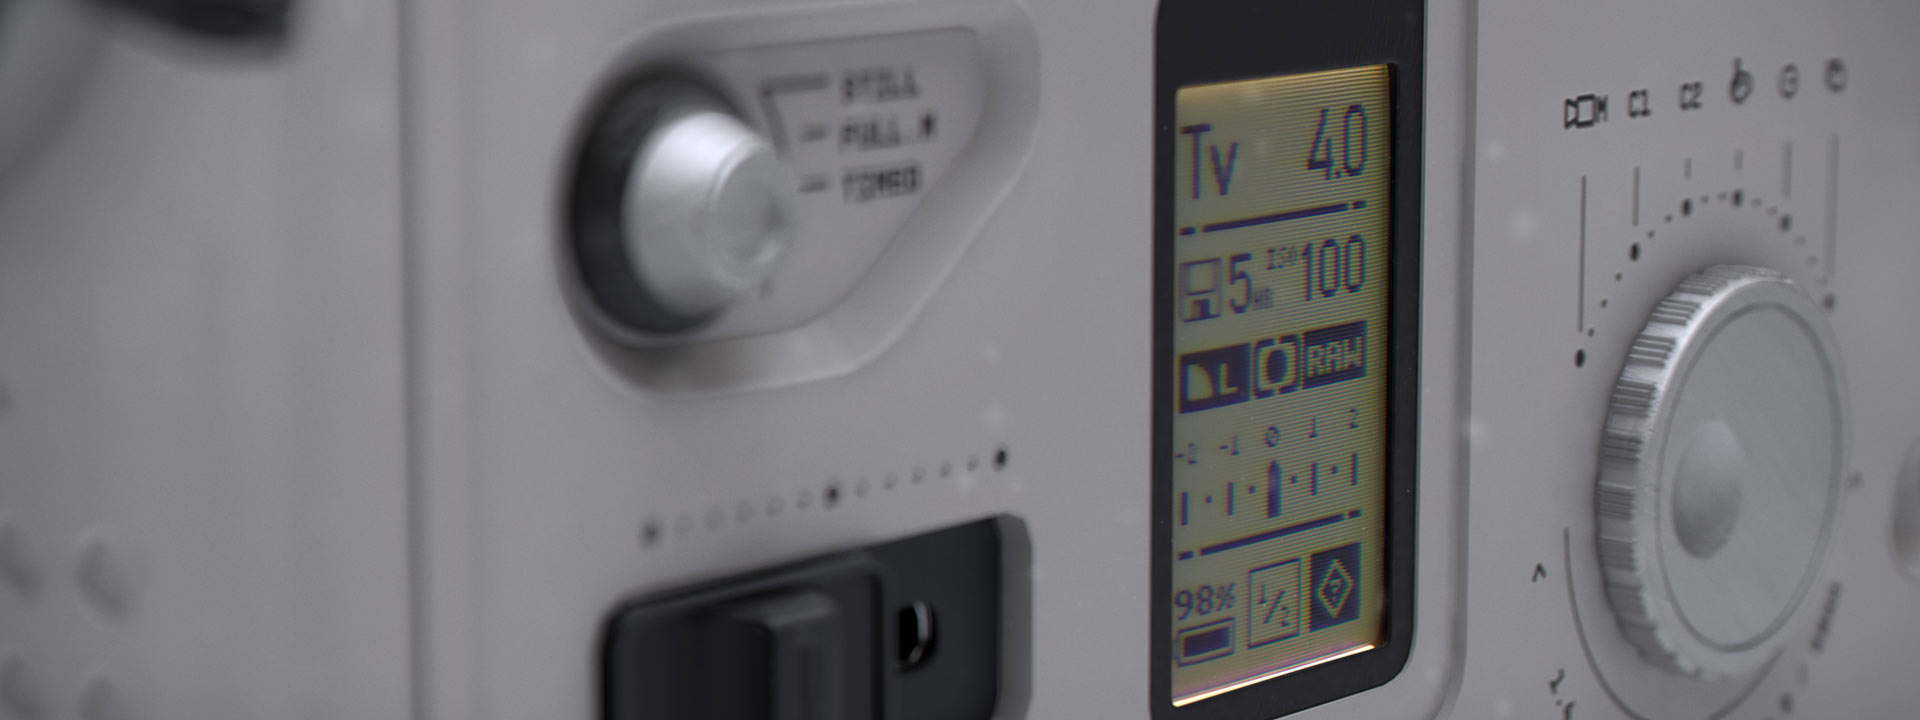 Varikam H70 Device